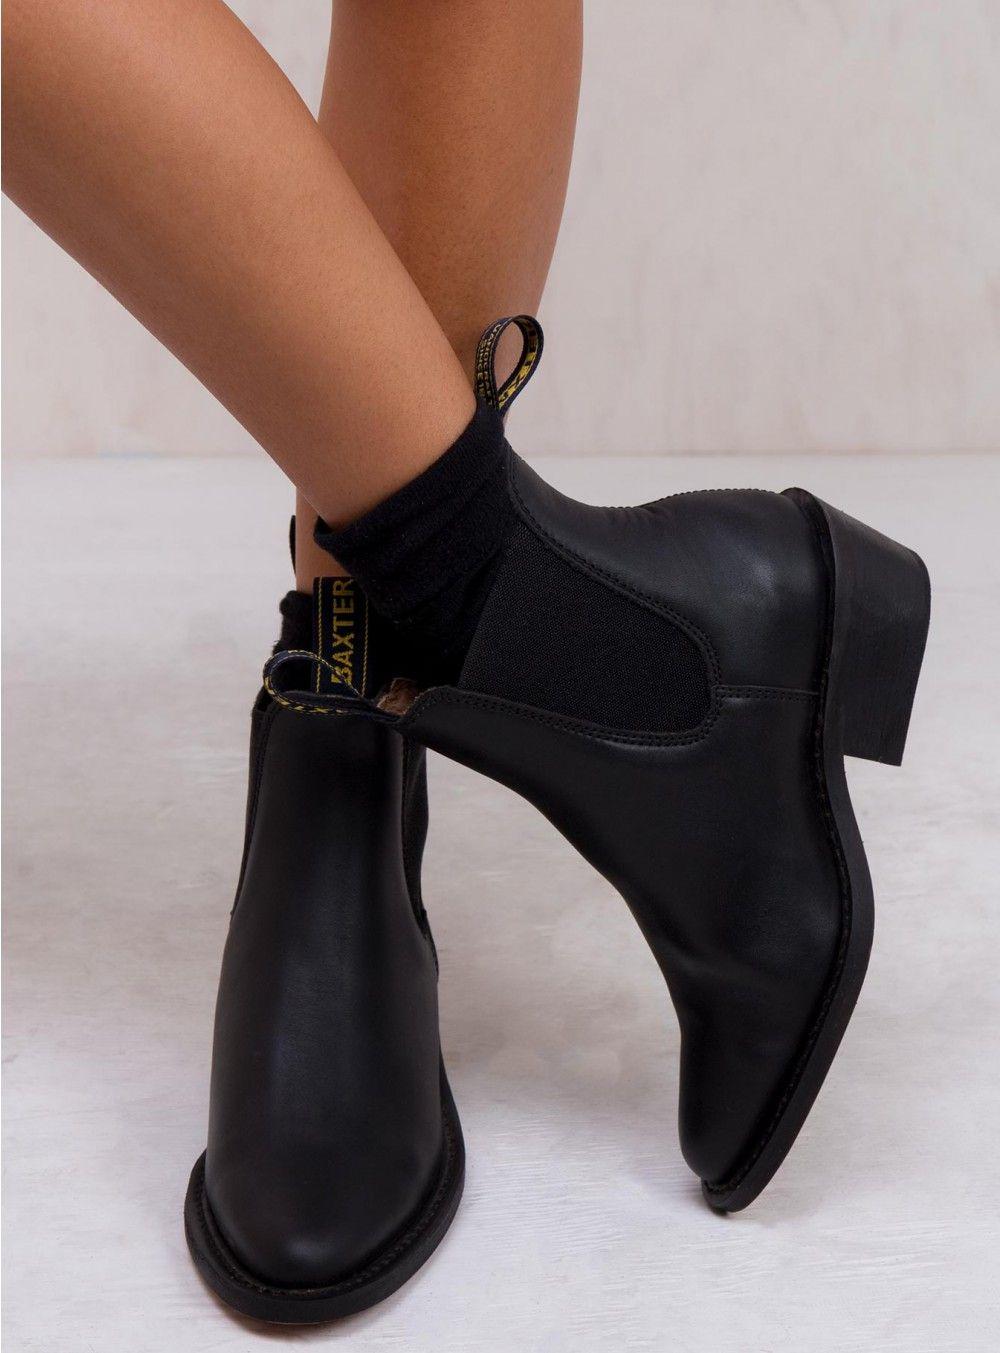 Baxter Dancer Boots Black | Boots, Baxter boots, Black boots